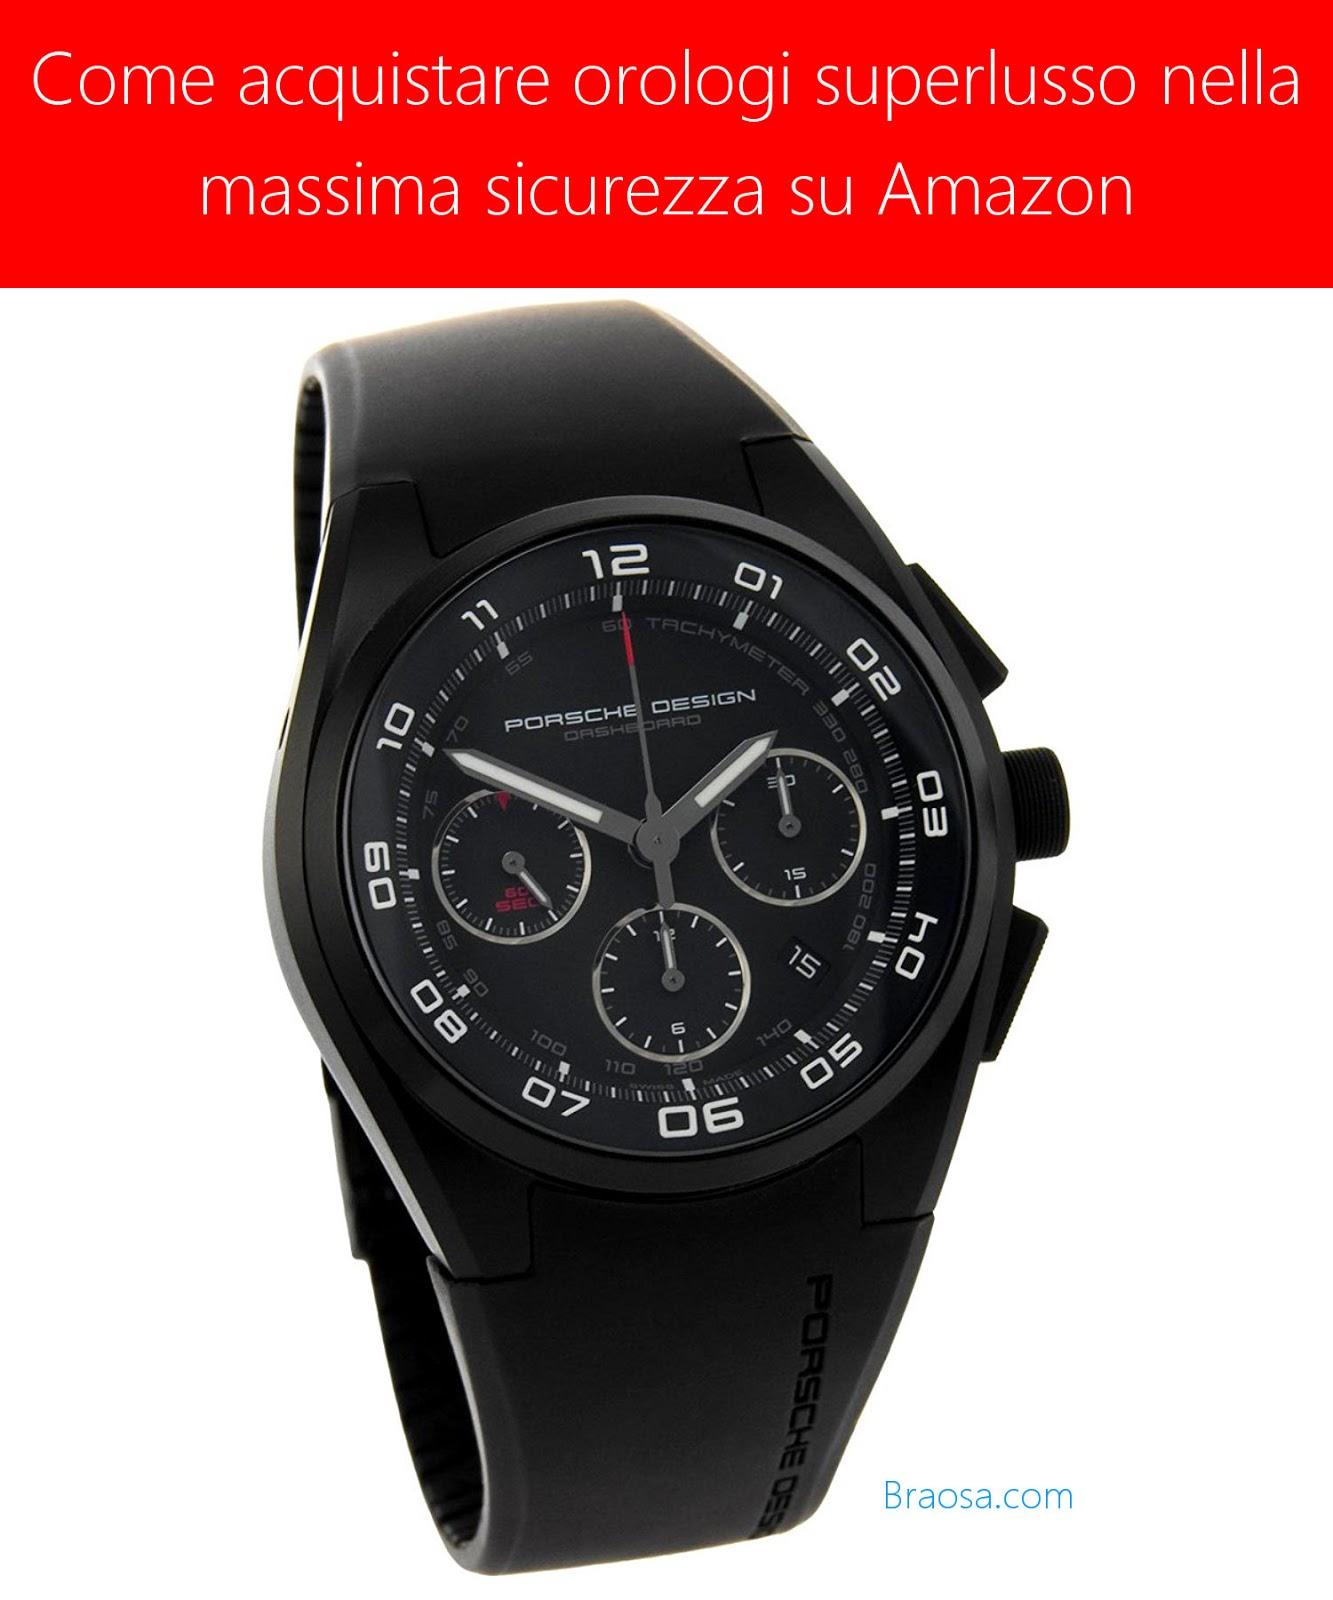 Come acquistare orologi costosissimi di lusso nella massima sicurezza su Amazon